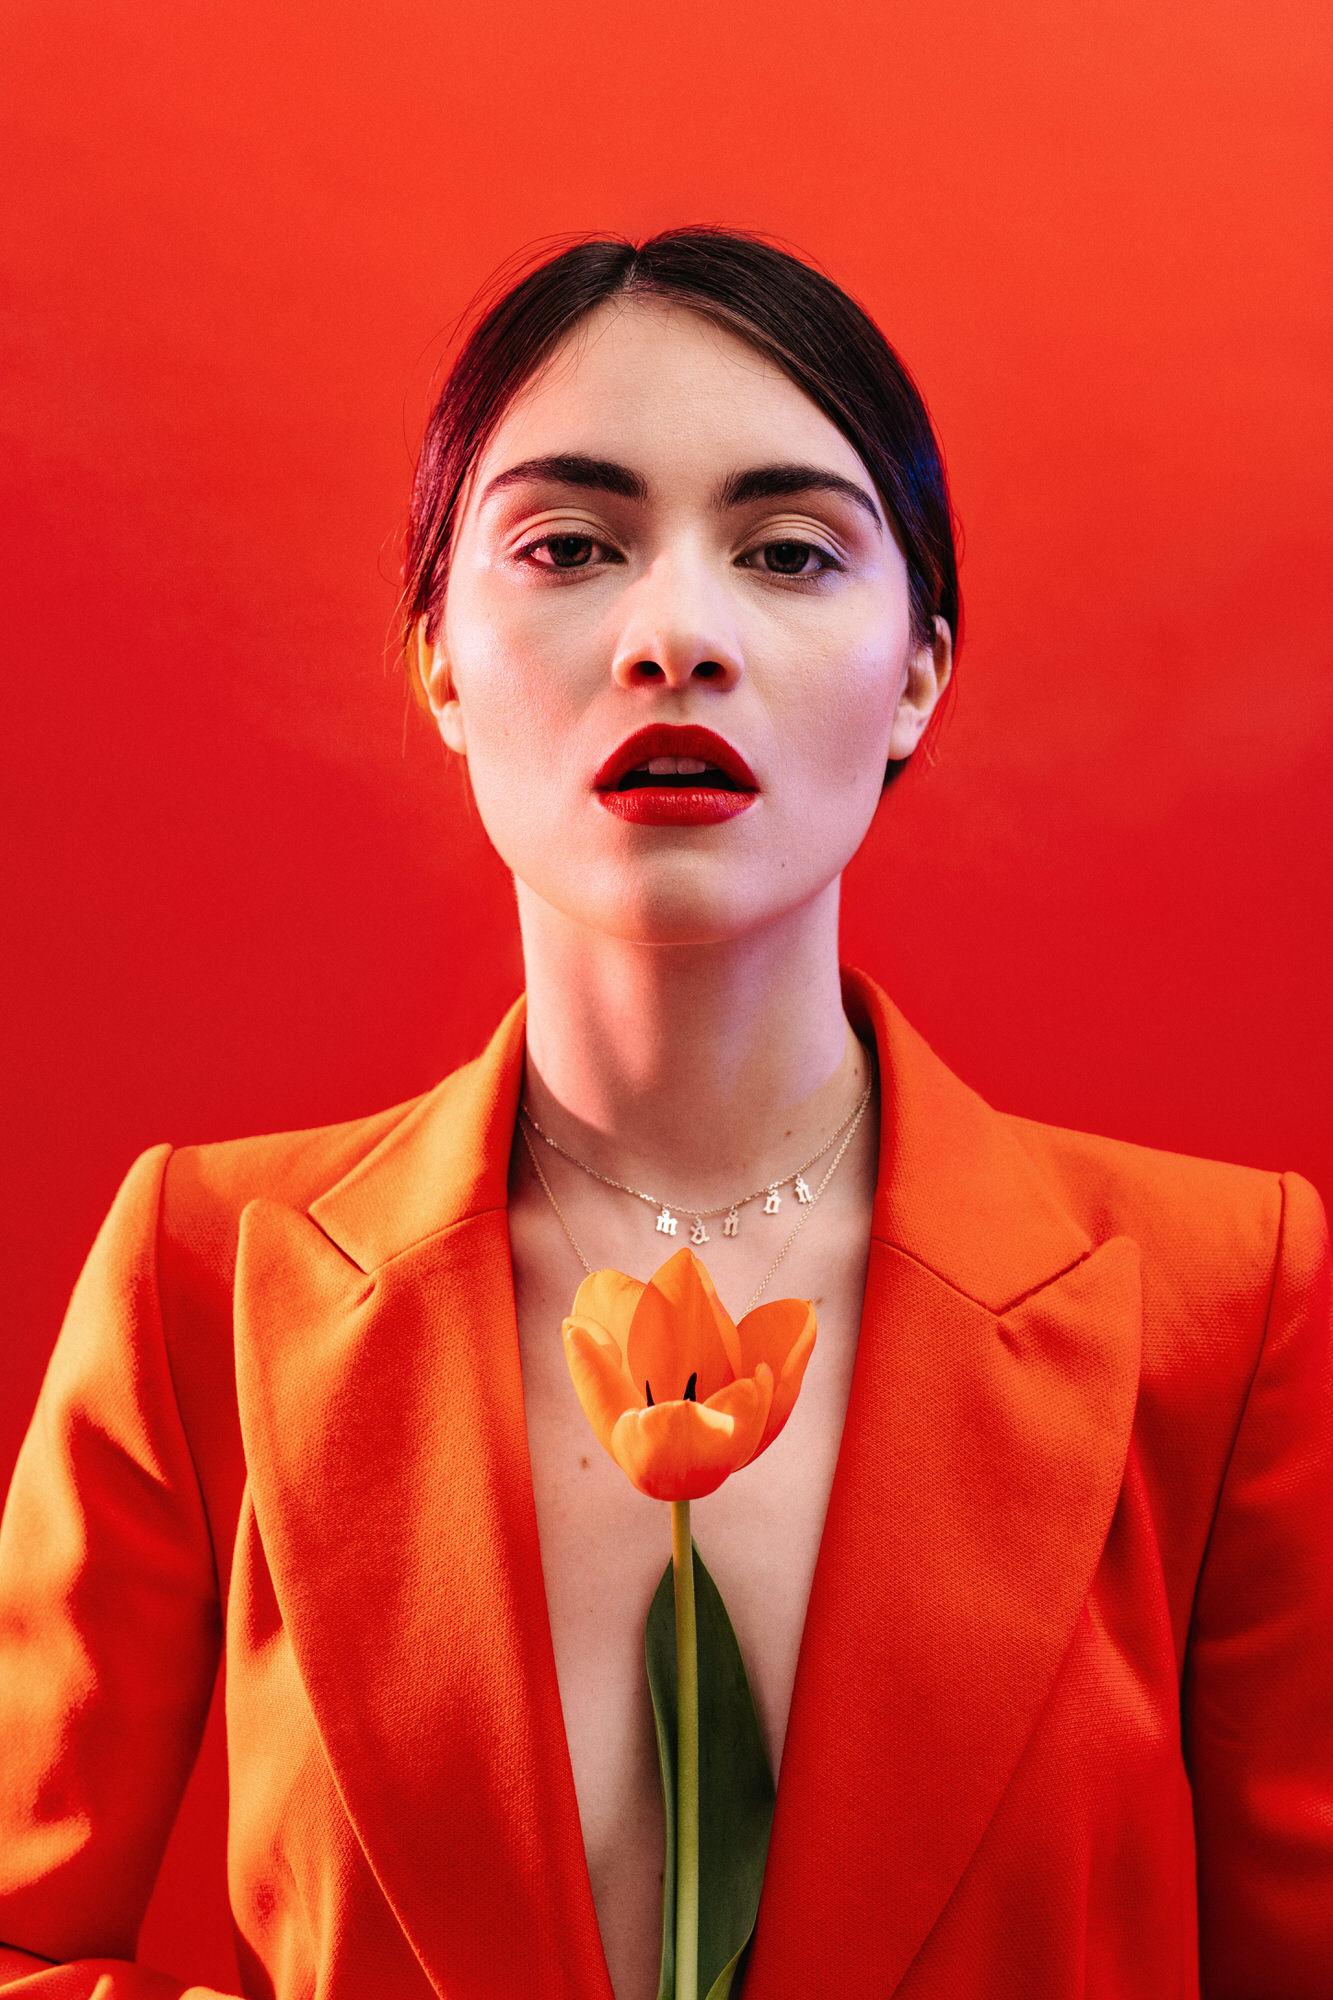 fotografo-retrato-moda-valencia-02